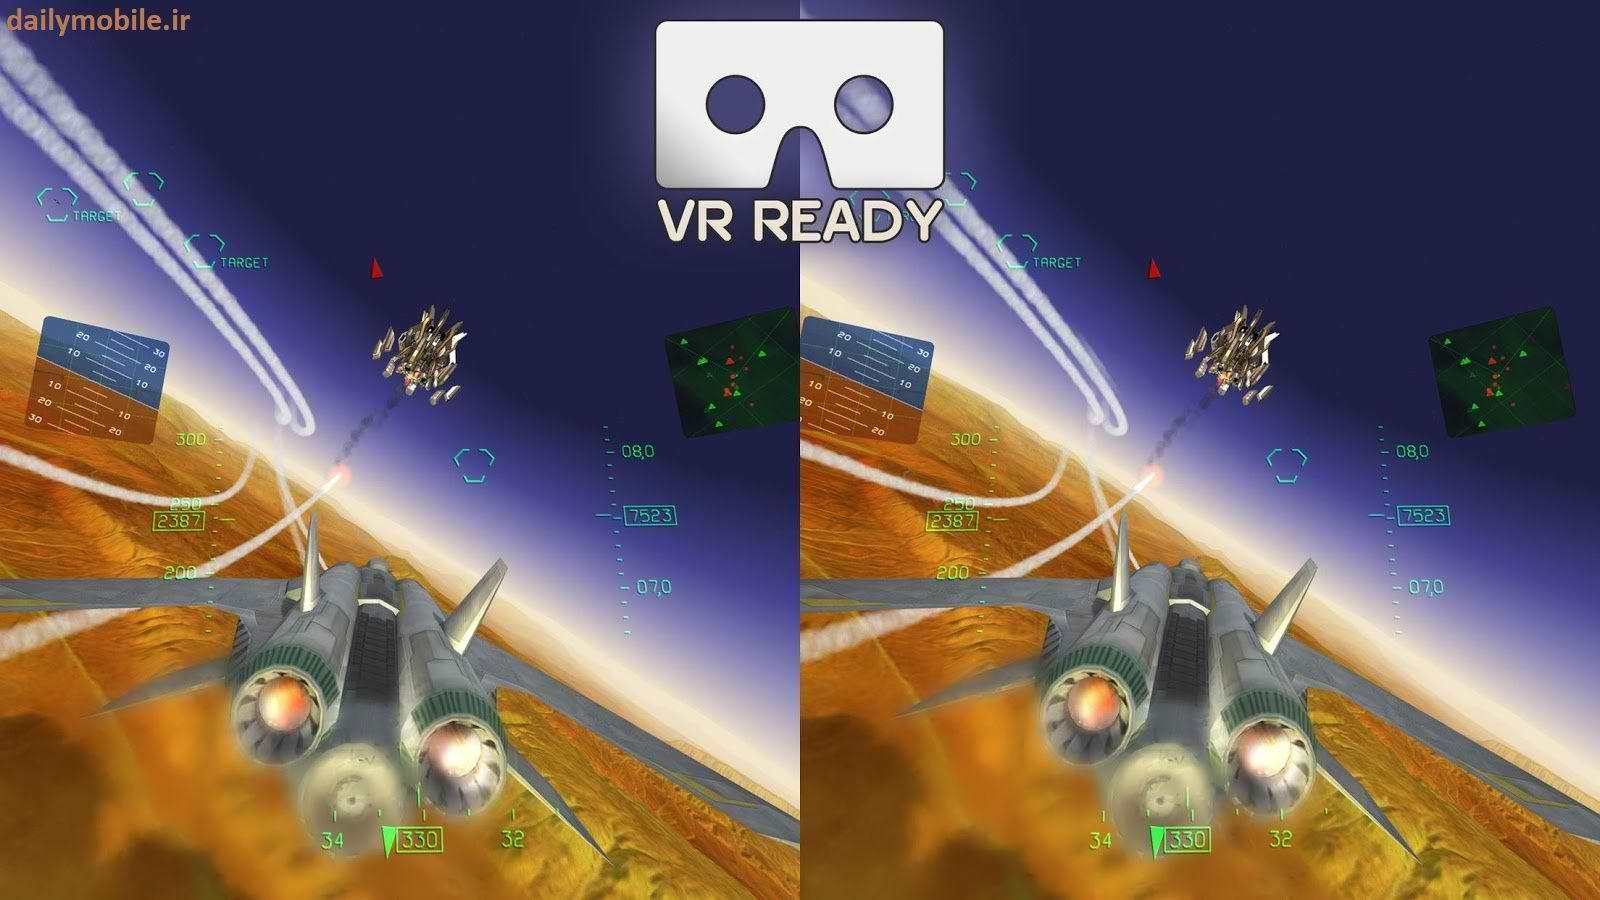 دانلود بازی جدید و زیبای Fractal Combat X هواپیماهای جنگده برای اندروید